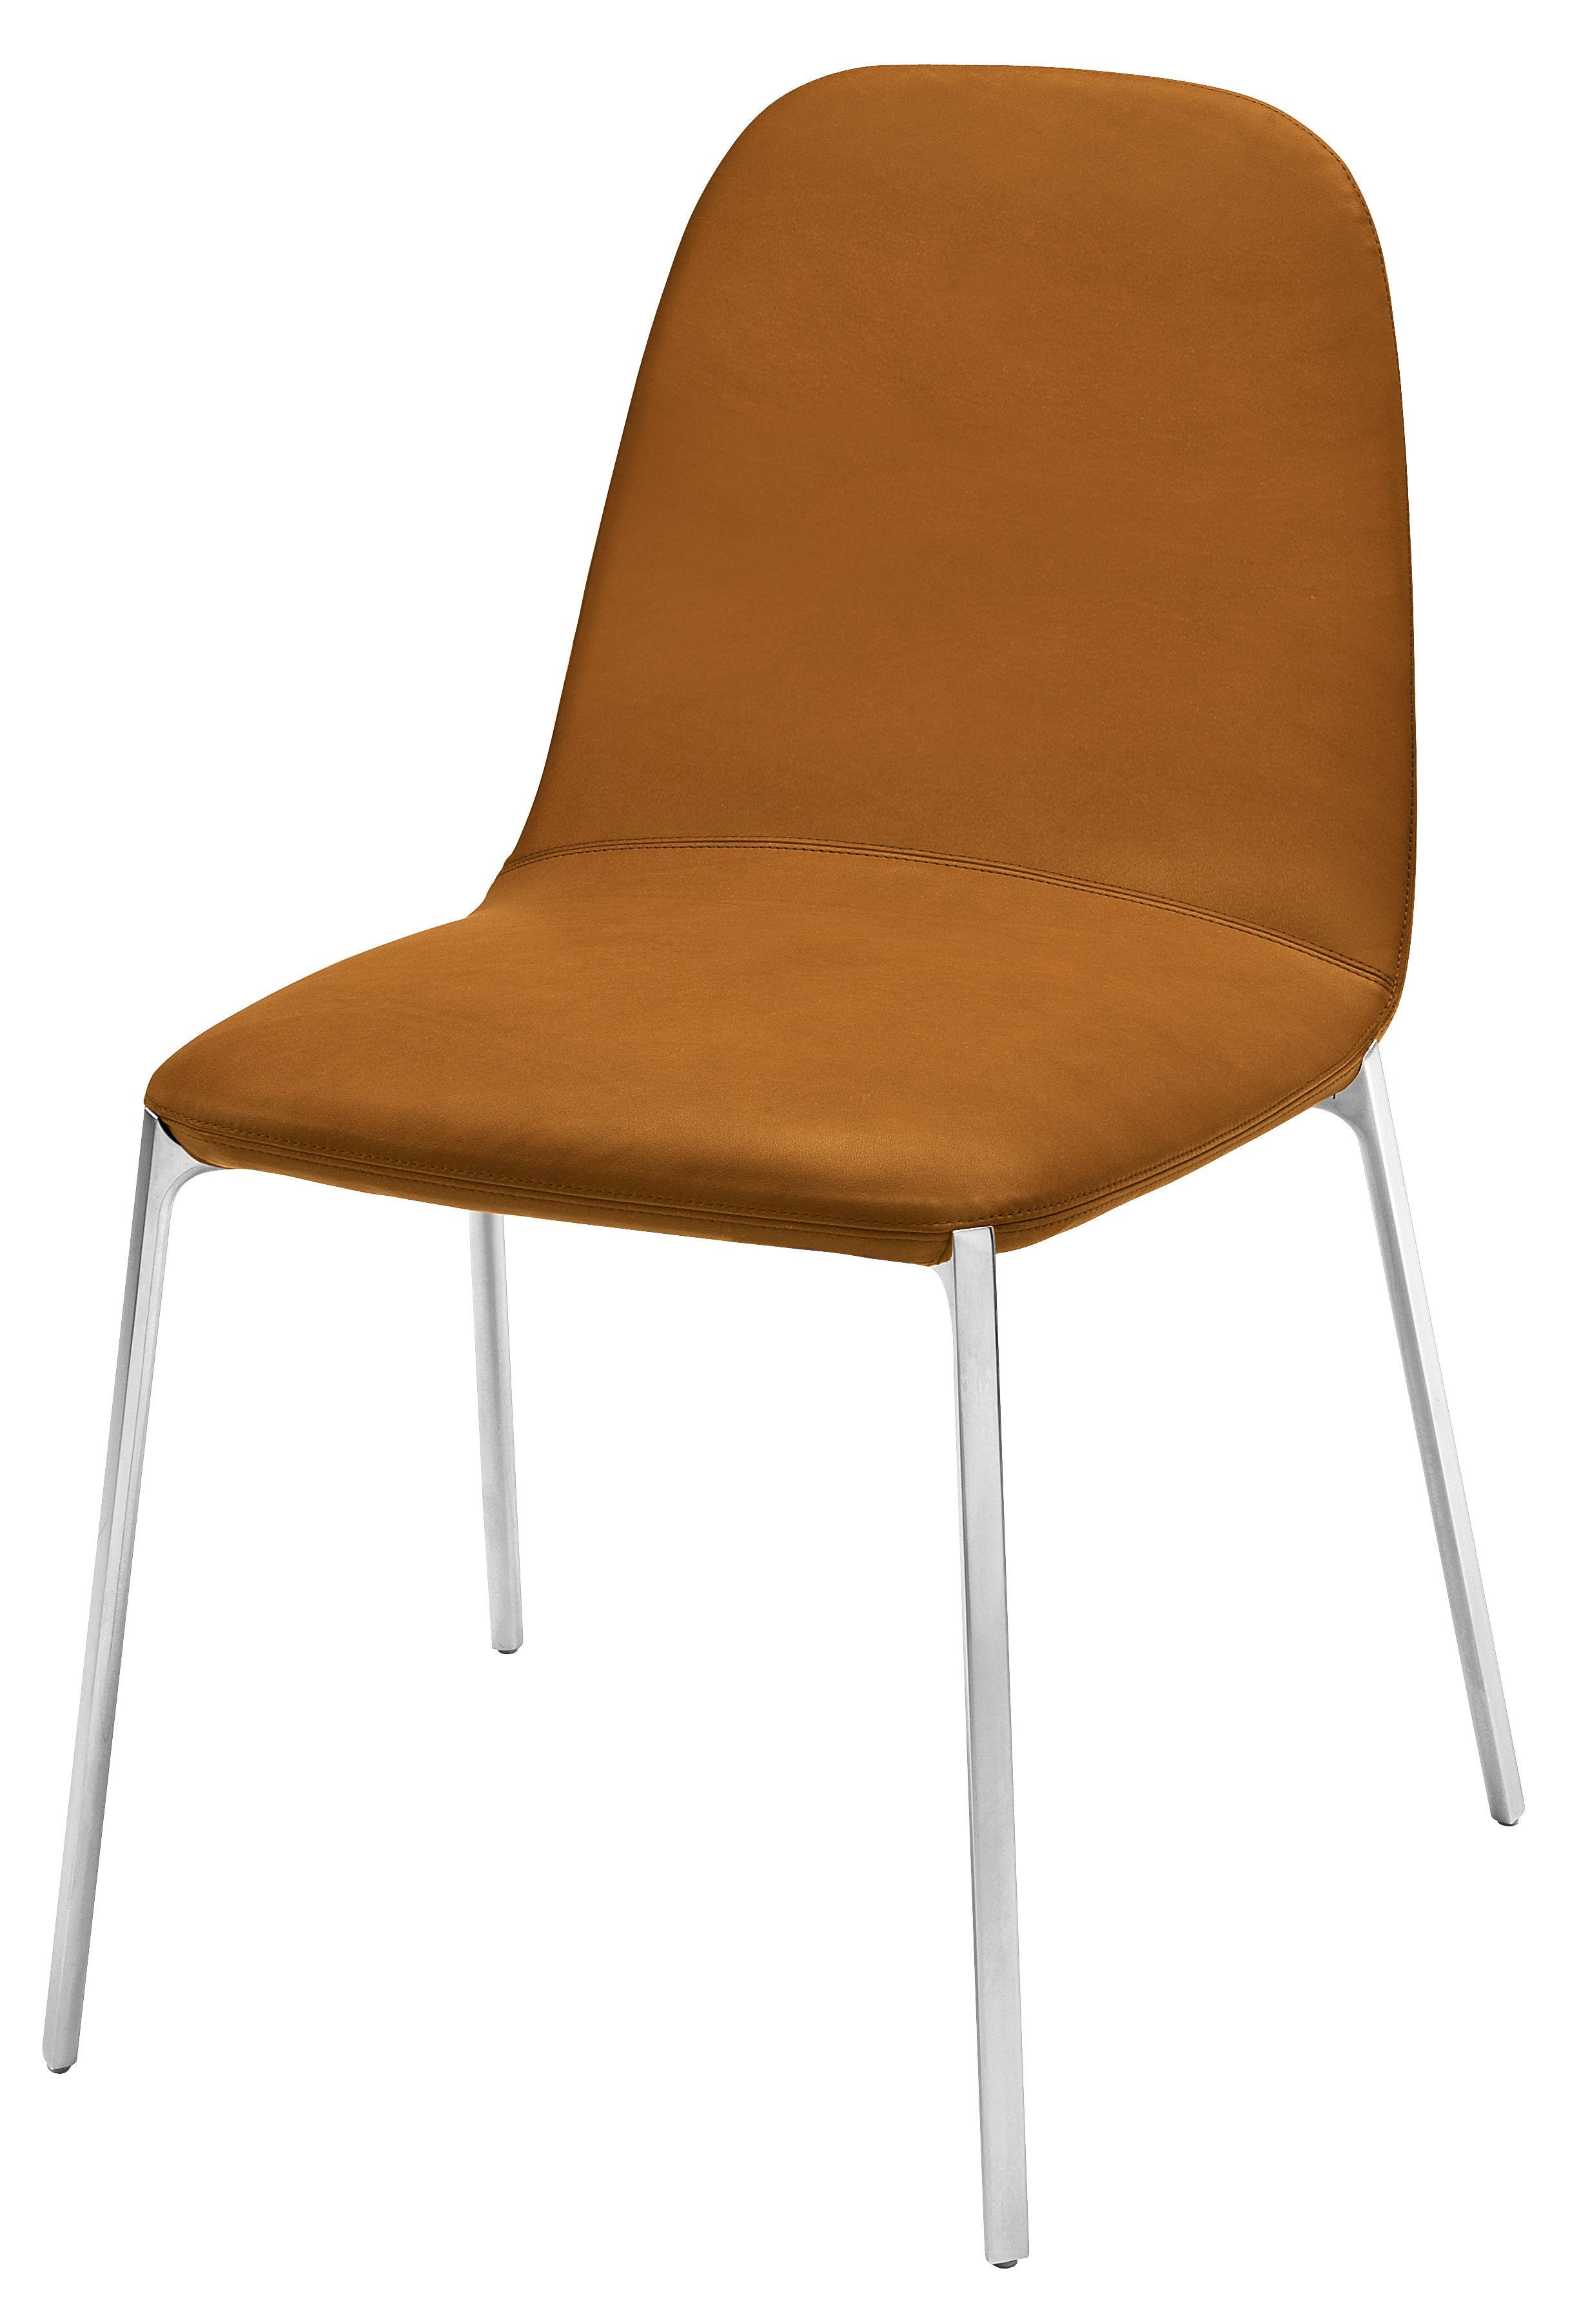 chaise rembourr e ella marron pieds alu poli zanotta. Black Bedroom Furniture Sets. Home Design Ideas